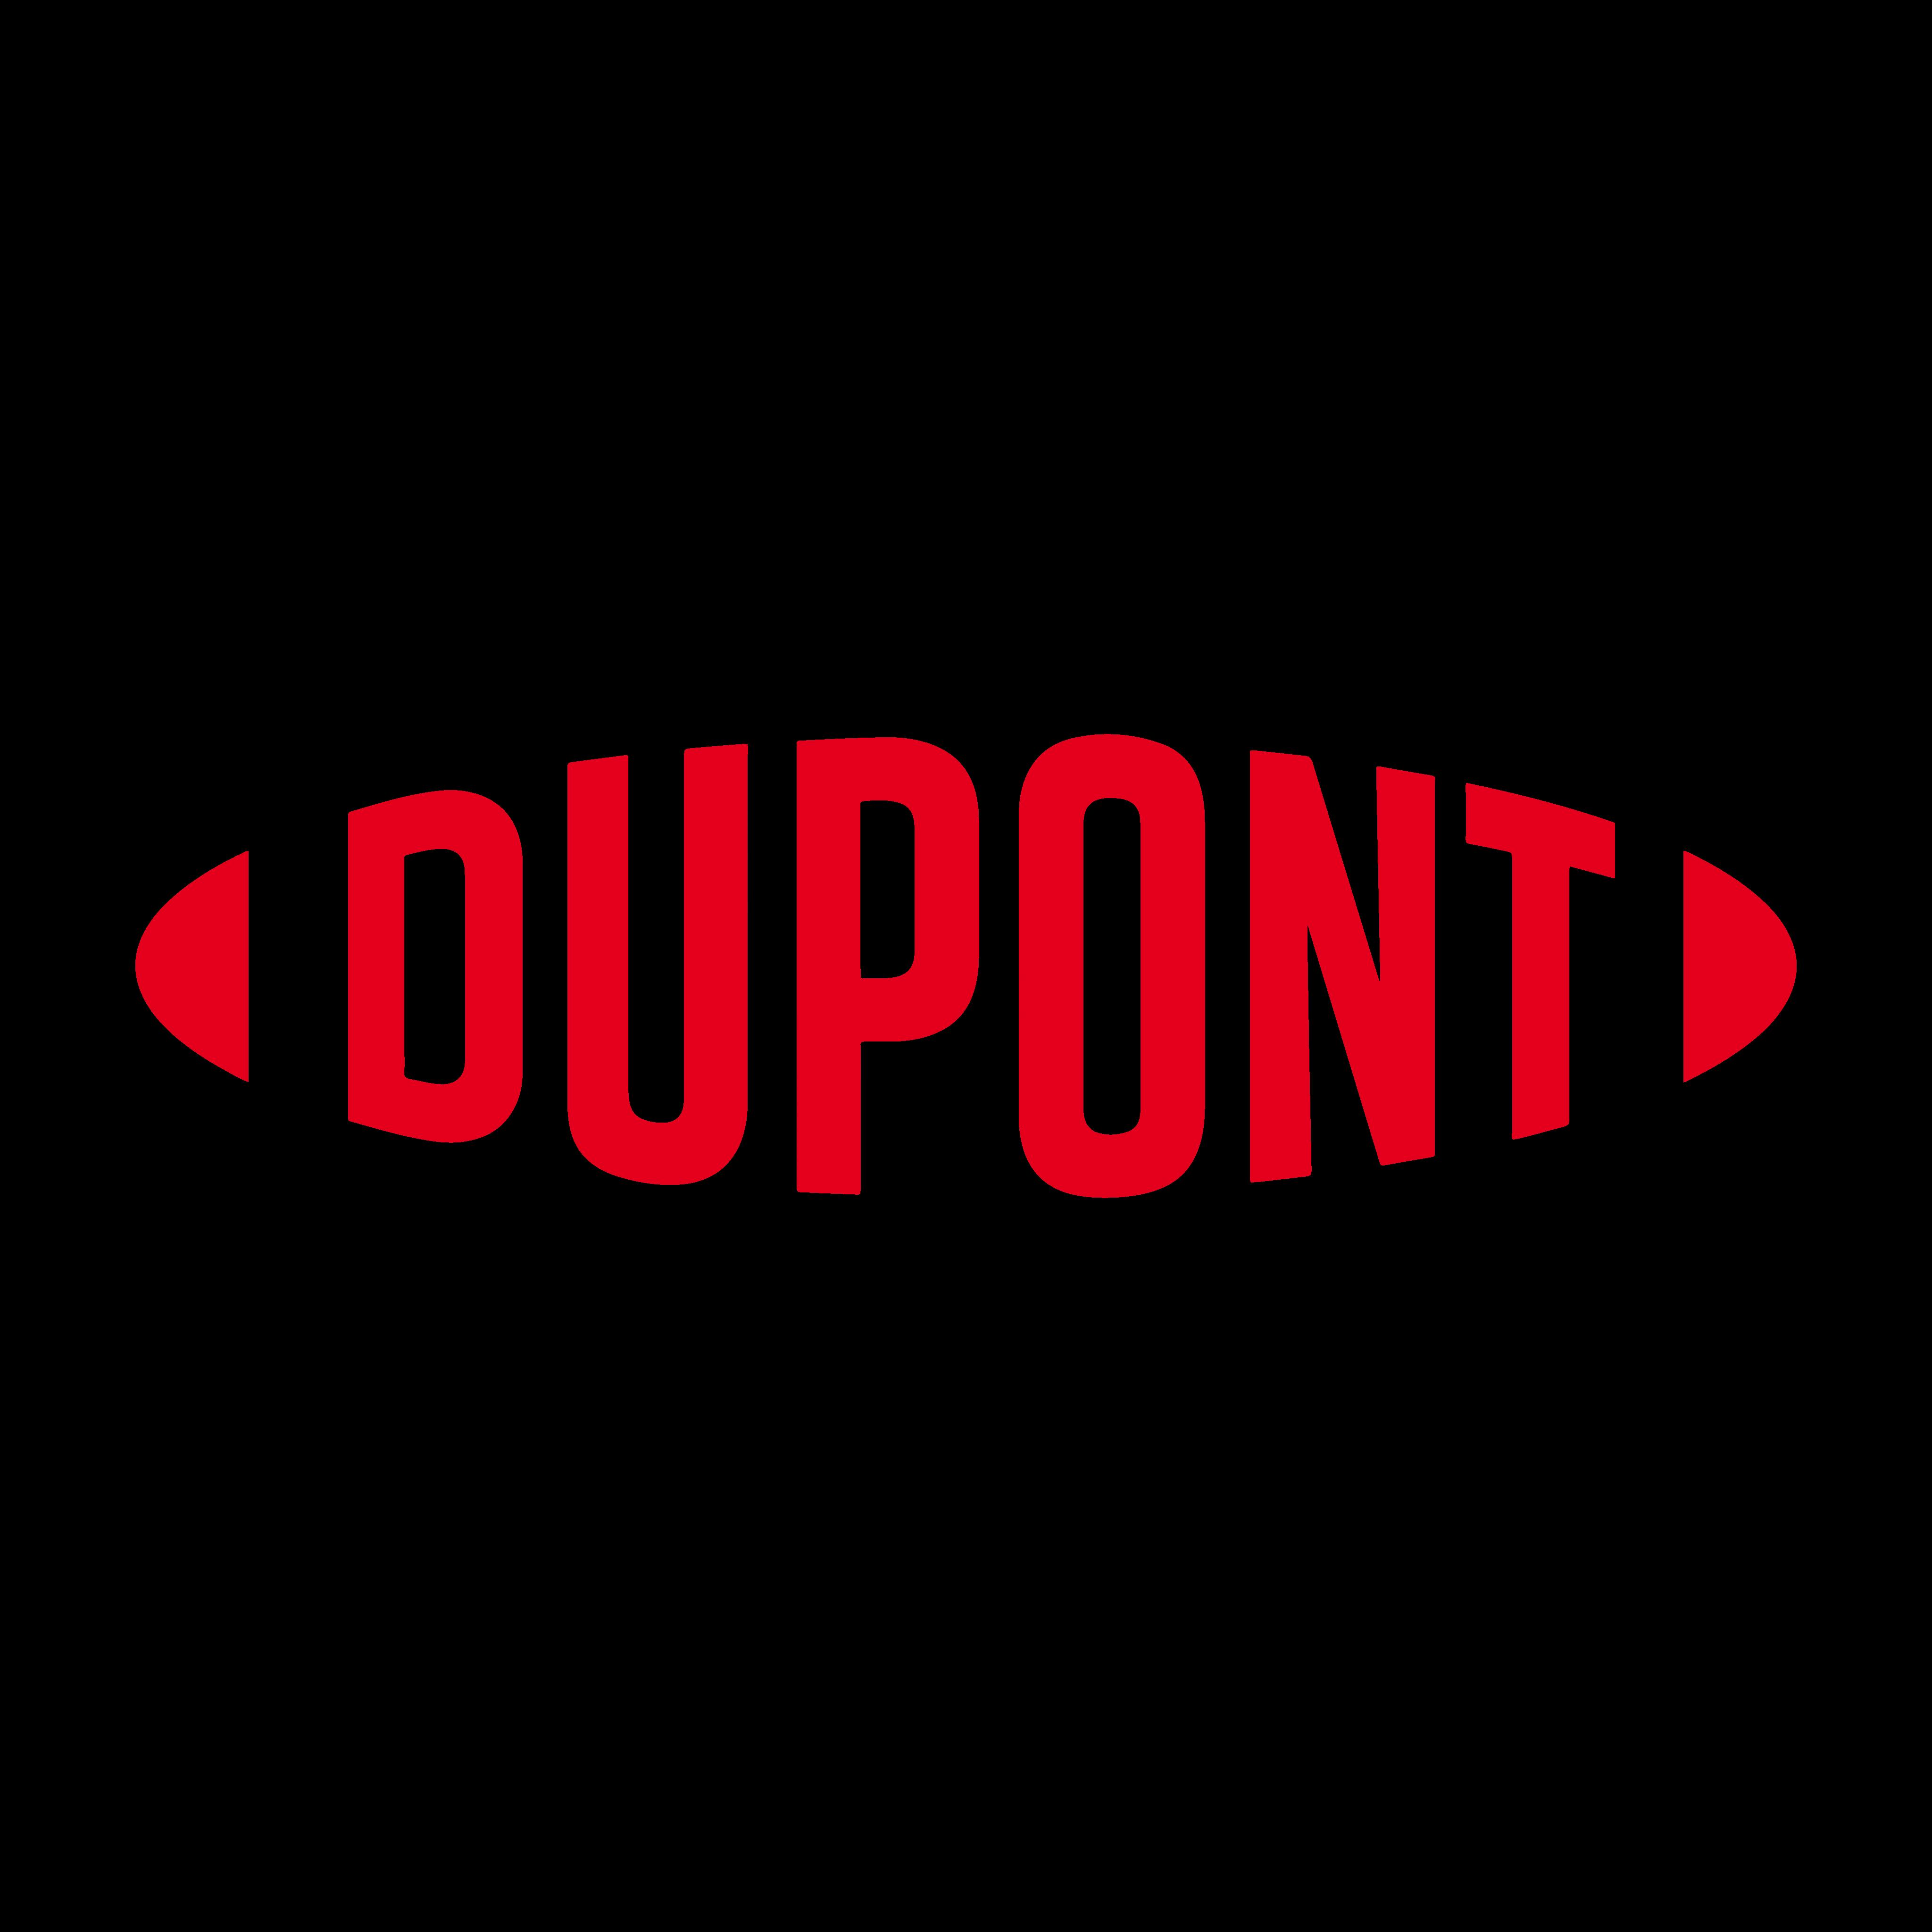 dupont logo 0 - DuPont Logo